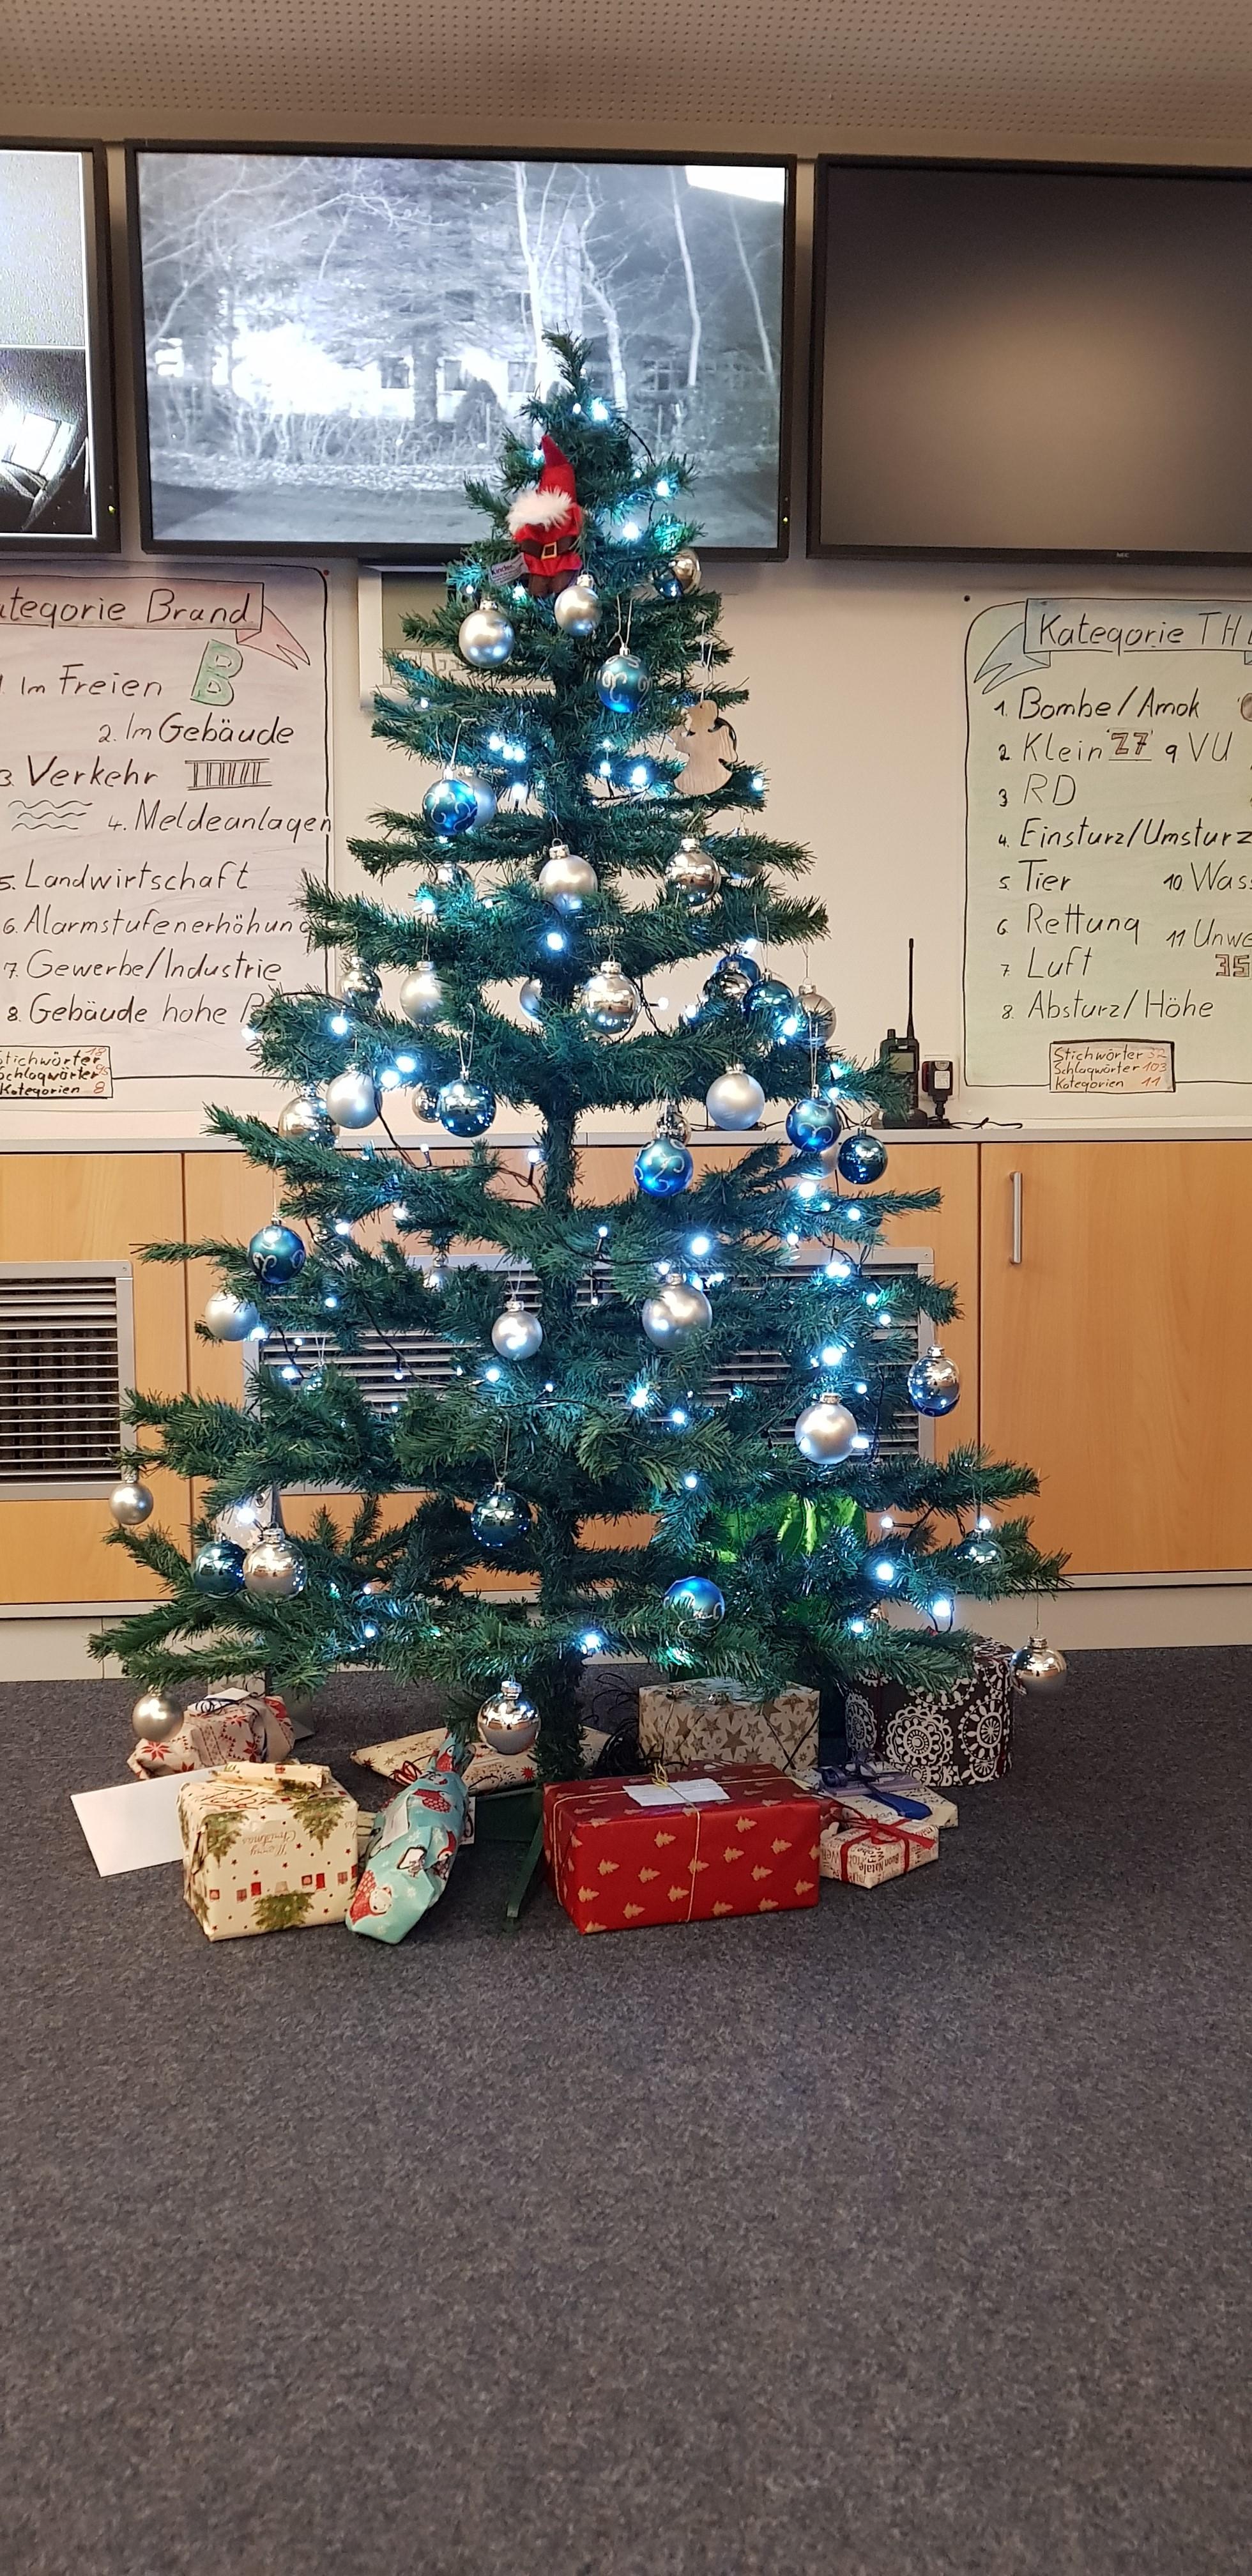 Weihnachtsbaum Explodiert.News Archiv Brk Rd